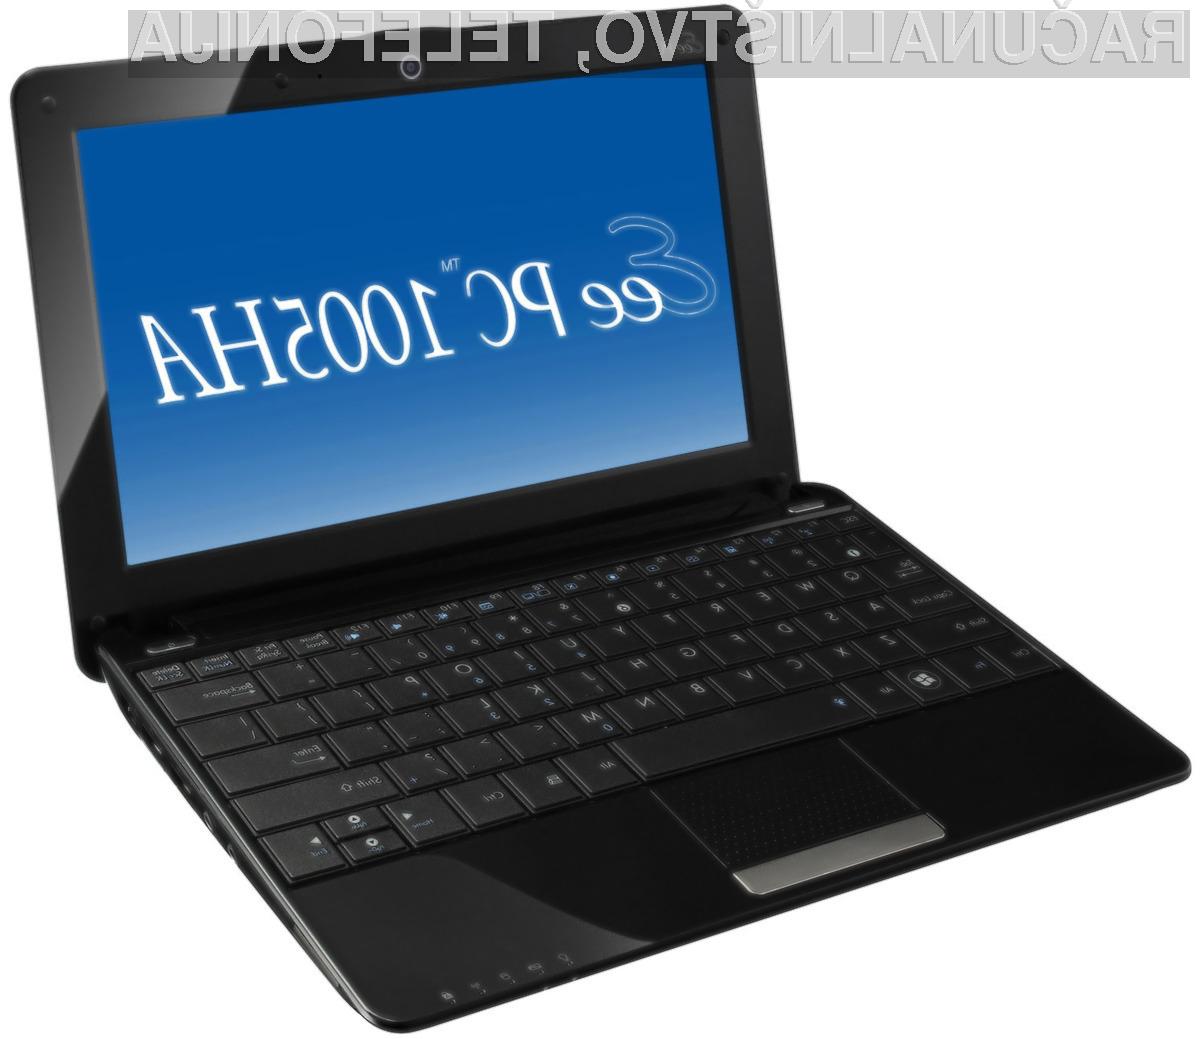 Izdelki računalniškega giganta Asus so se izkazali kot najzanesljivejši na ameriškem trgu.